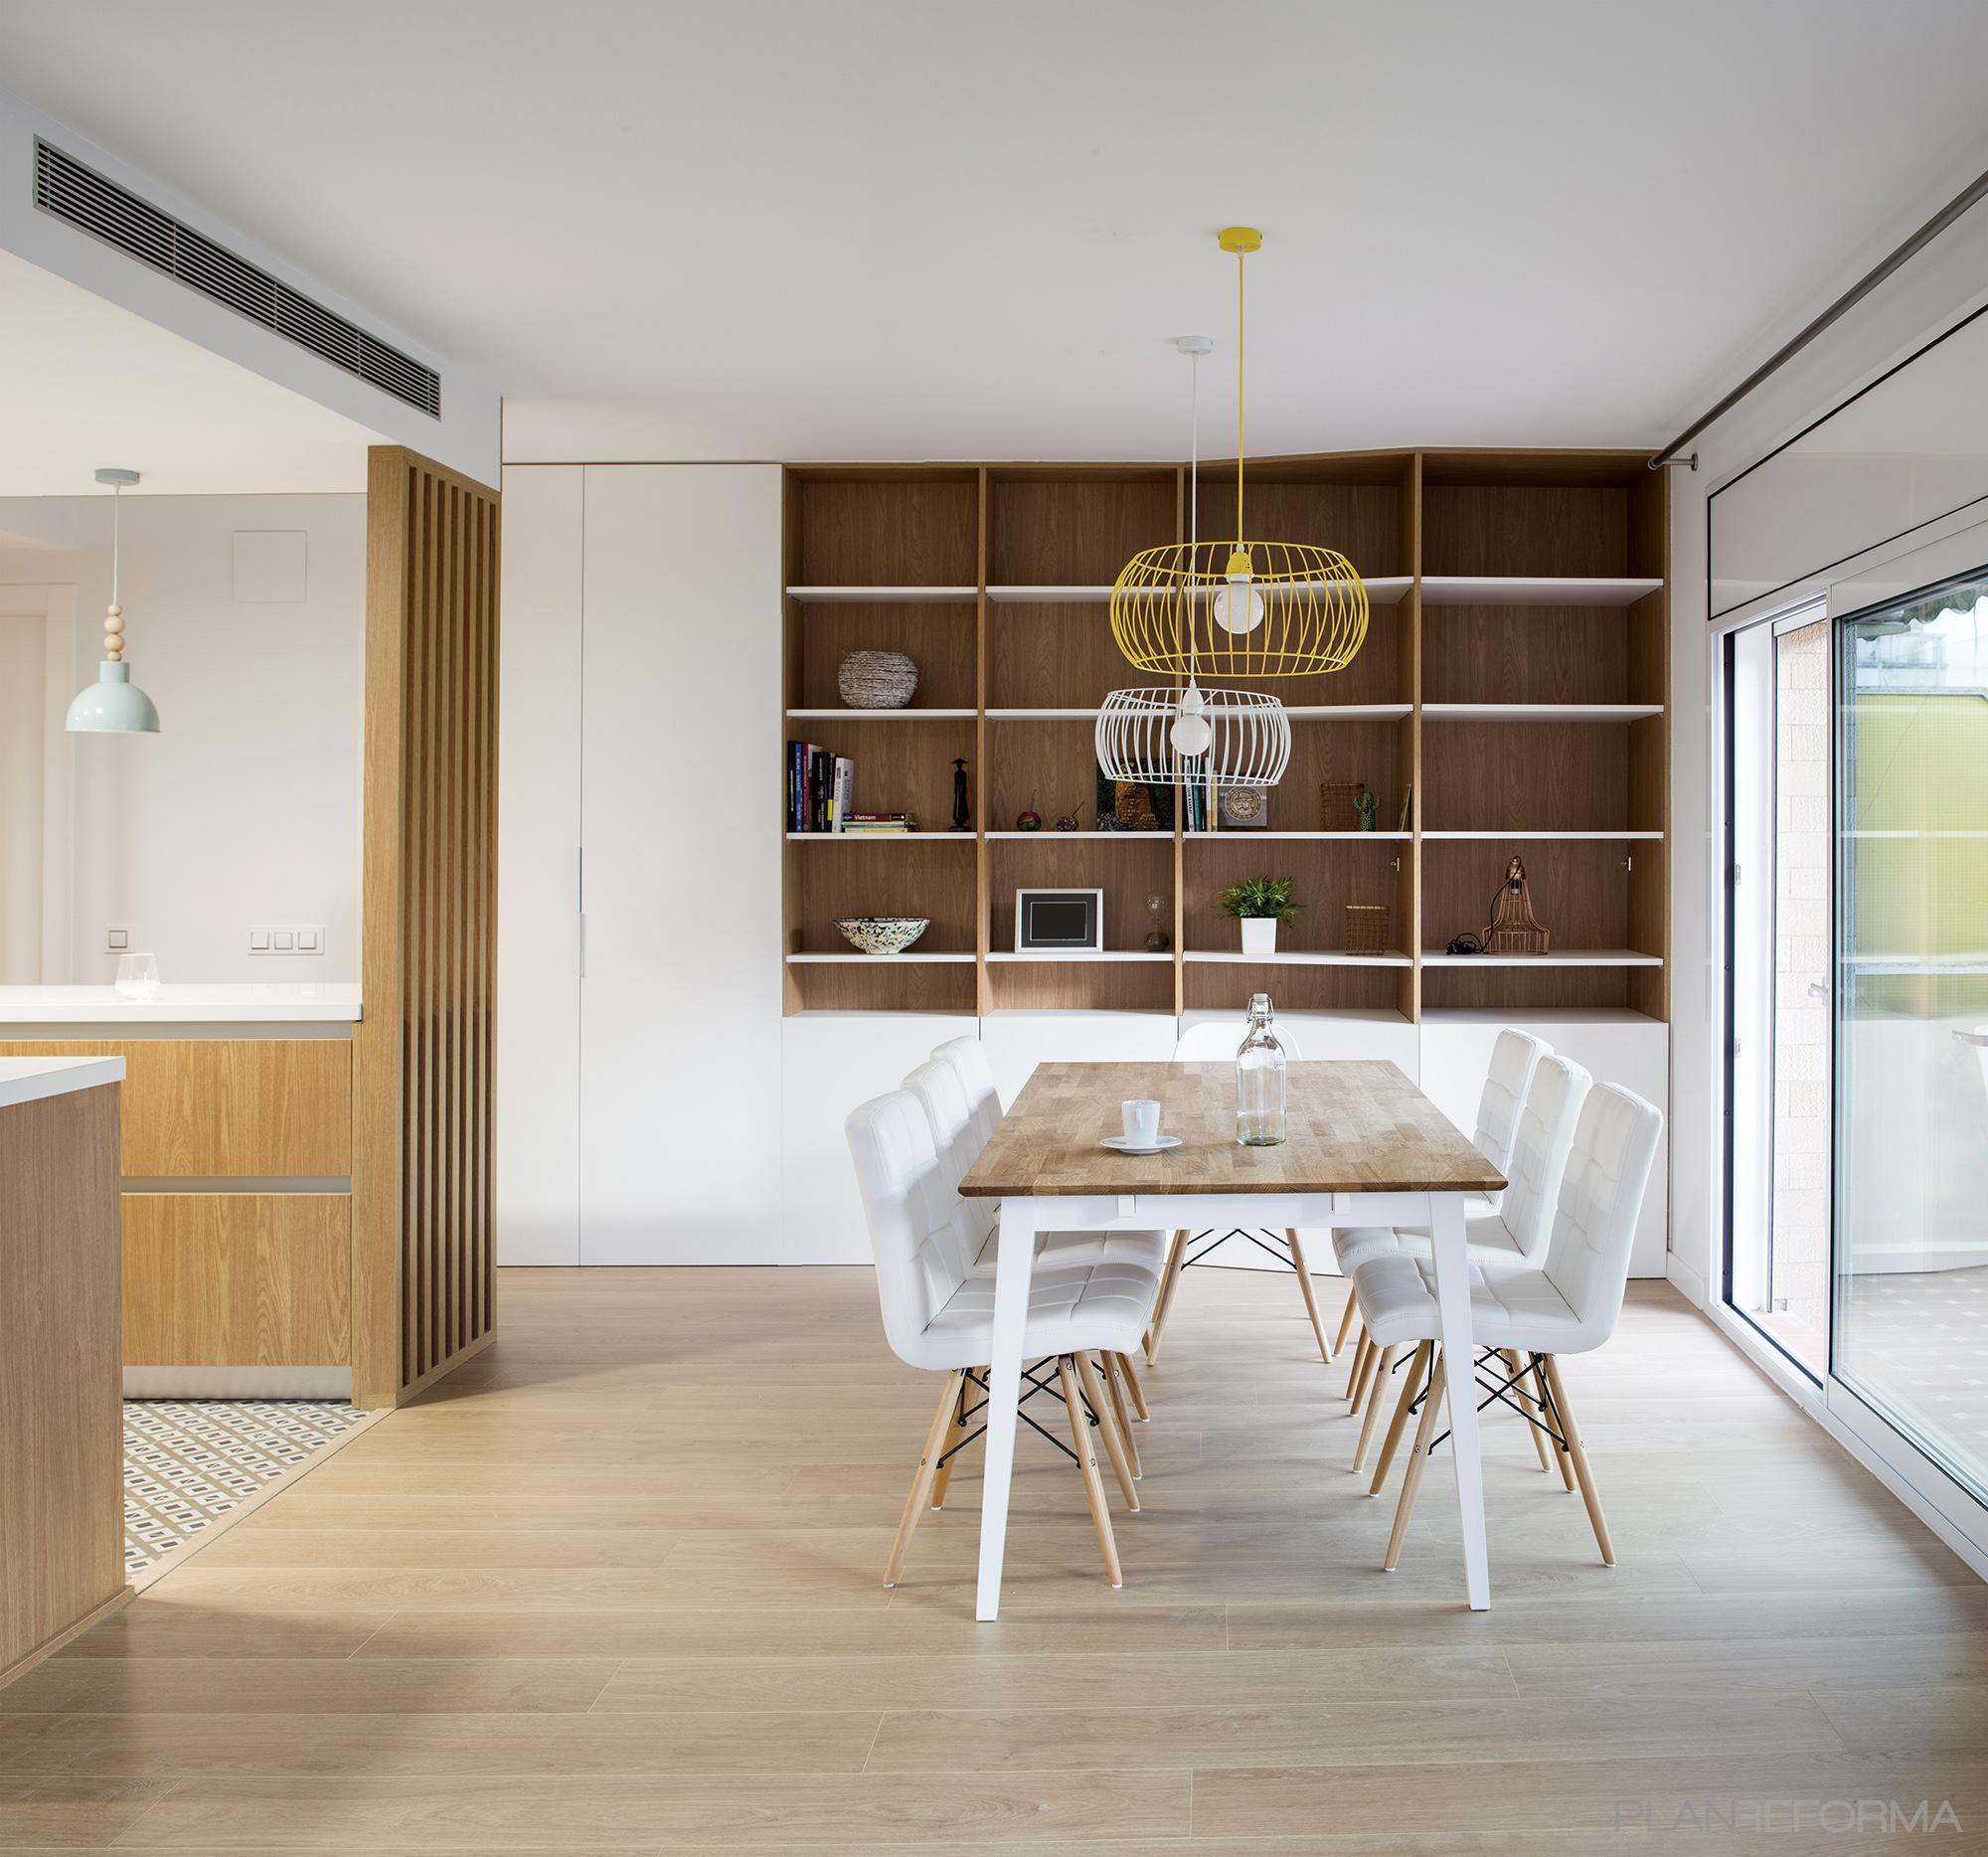 Comedor cocina salon estilo moderno color amarillo - Cocina salon comedor ...